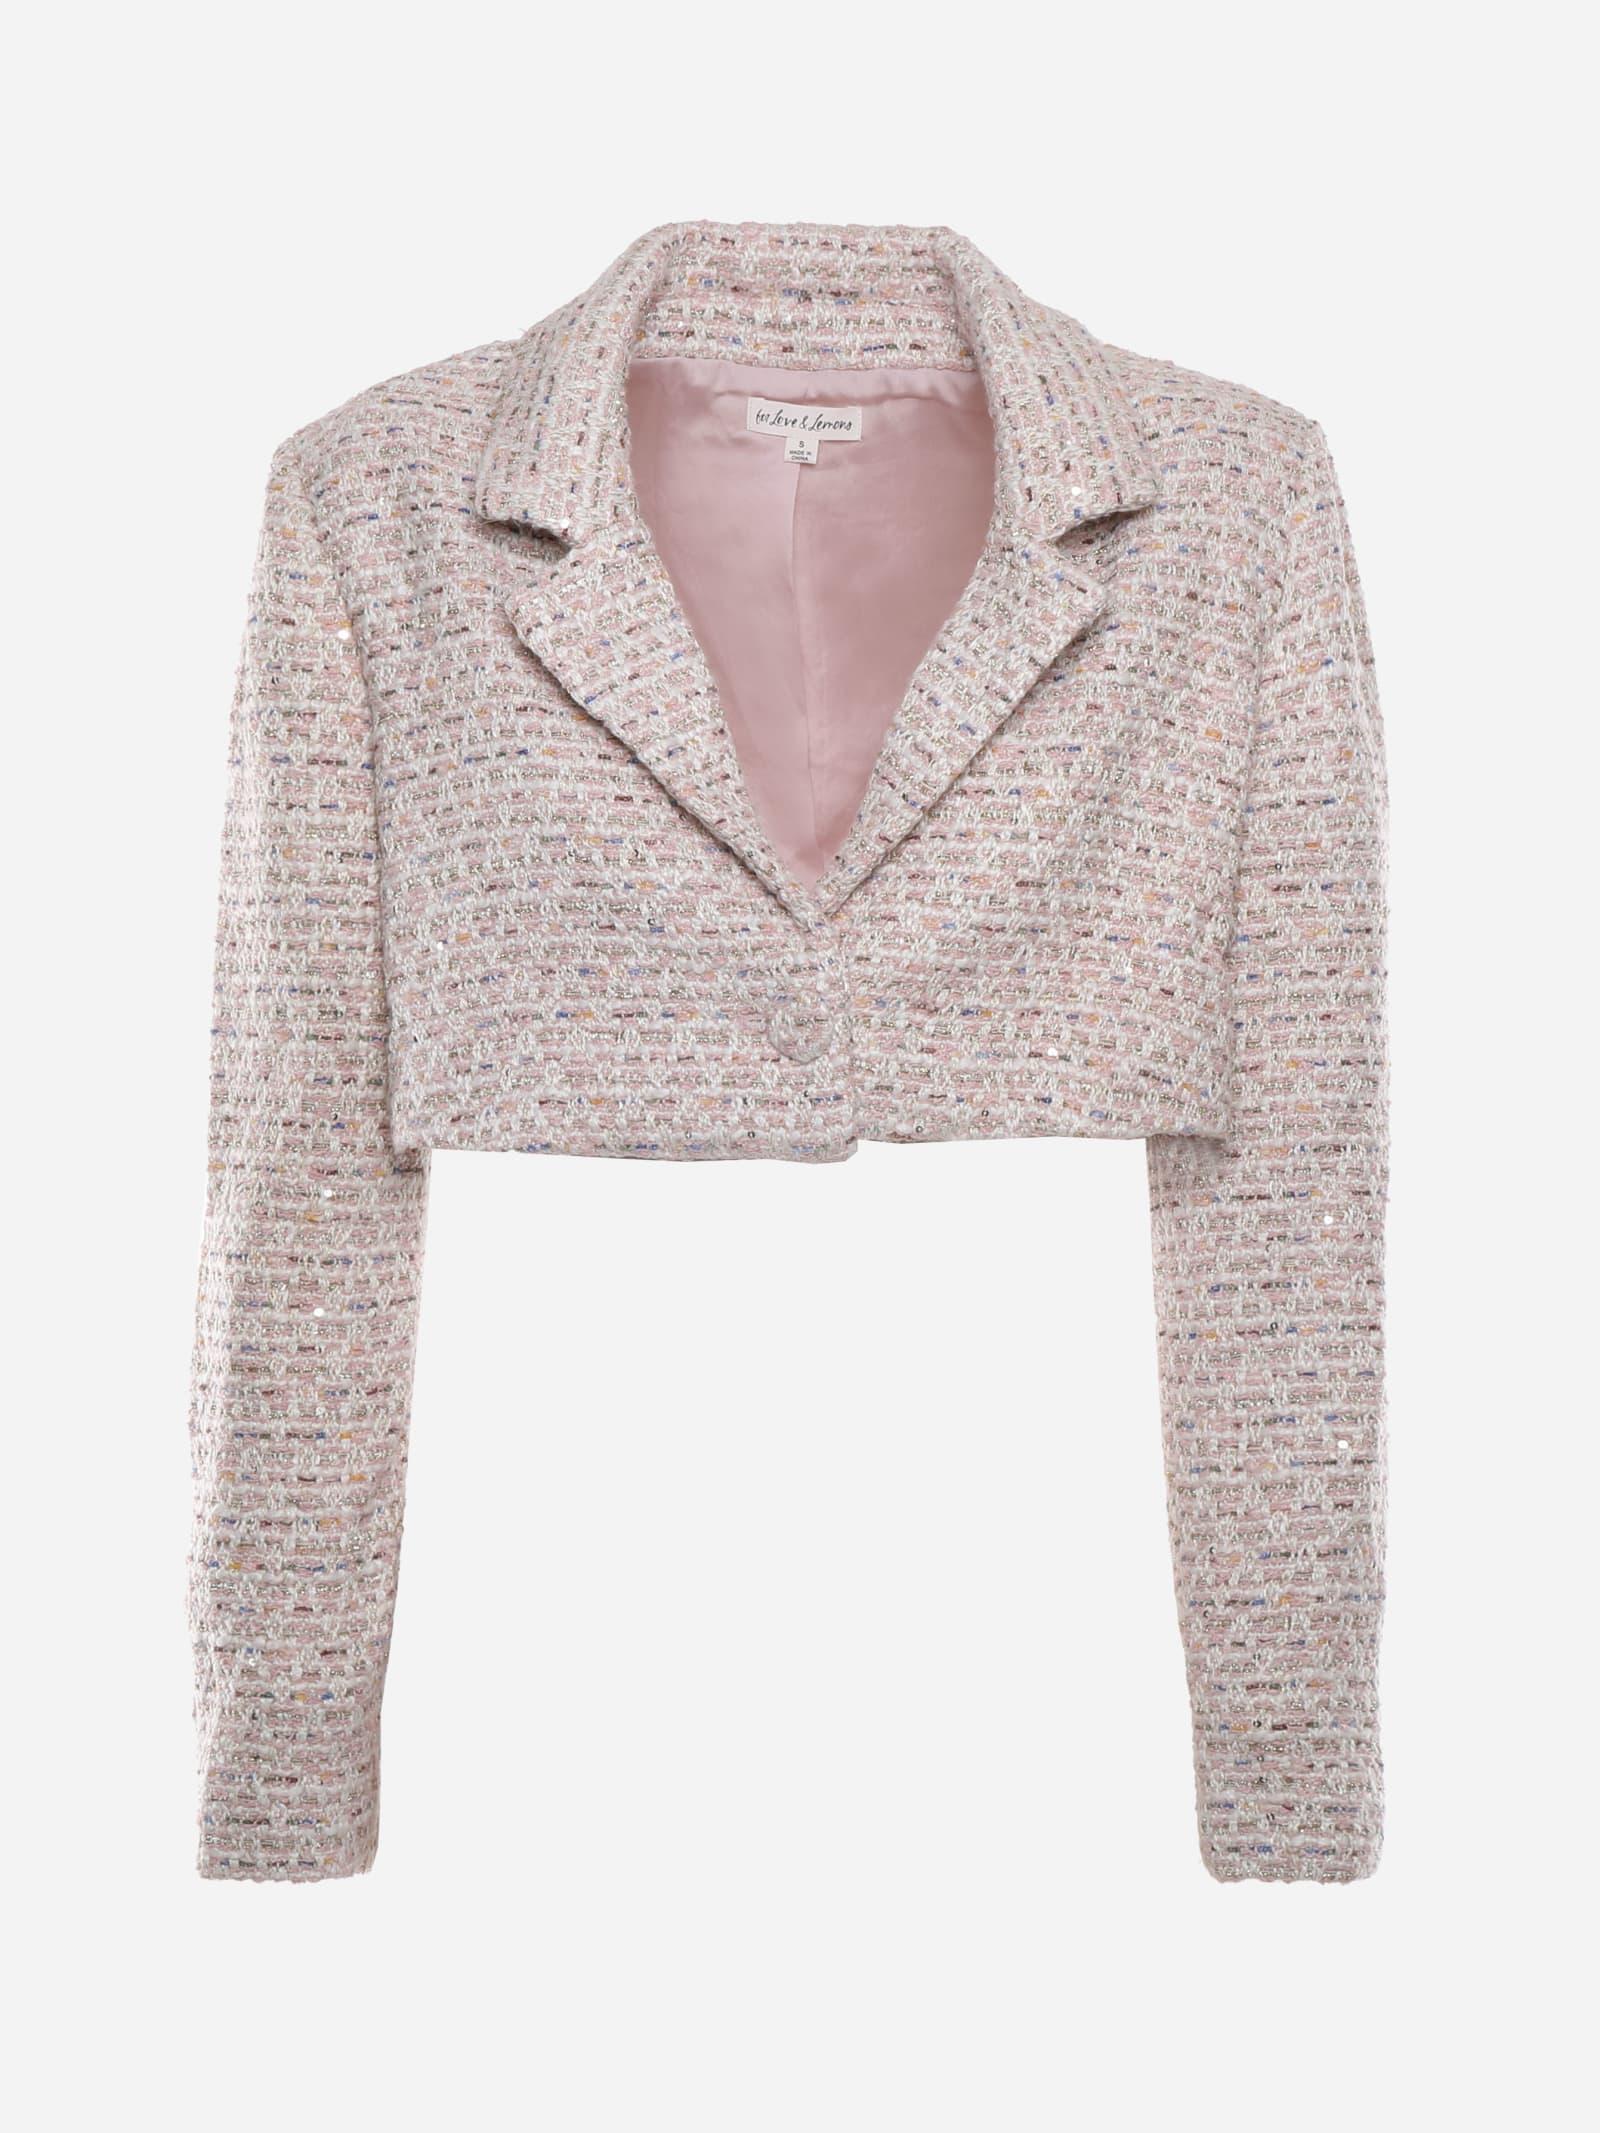 Dionne Short Blazer In Tweed